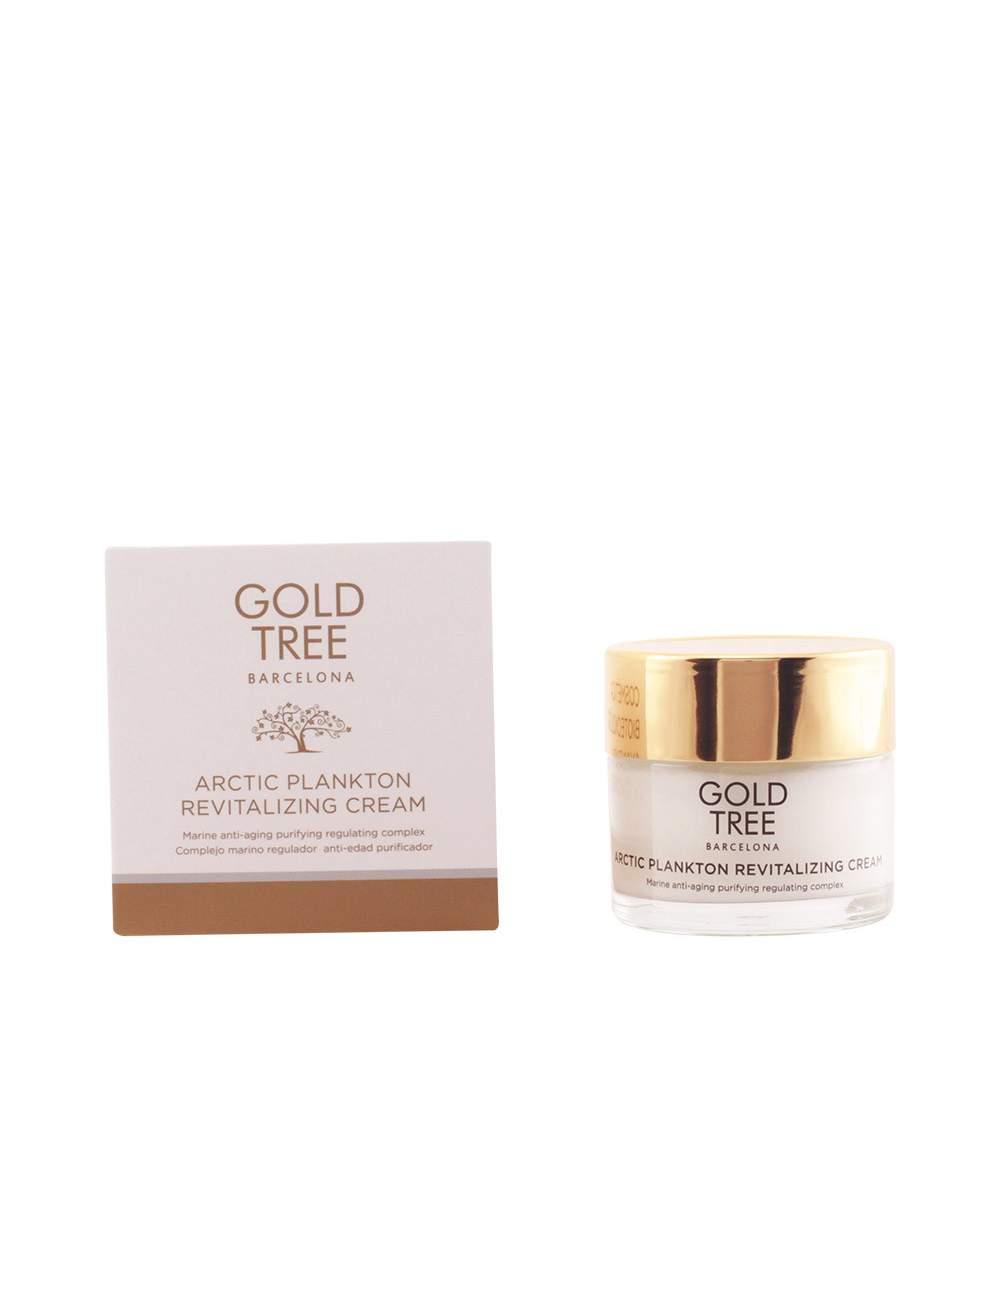 Crema Facial Revitalizante Natural con Plankton Marino. Gold Tree Barcelona